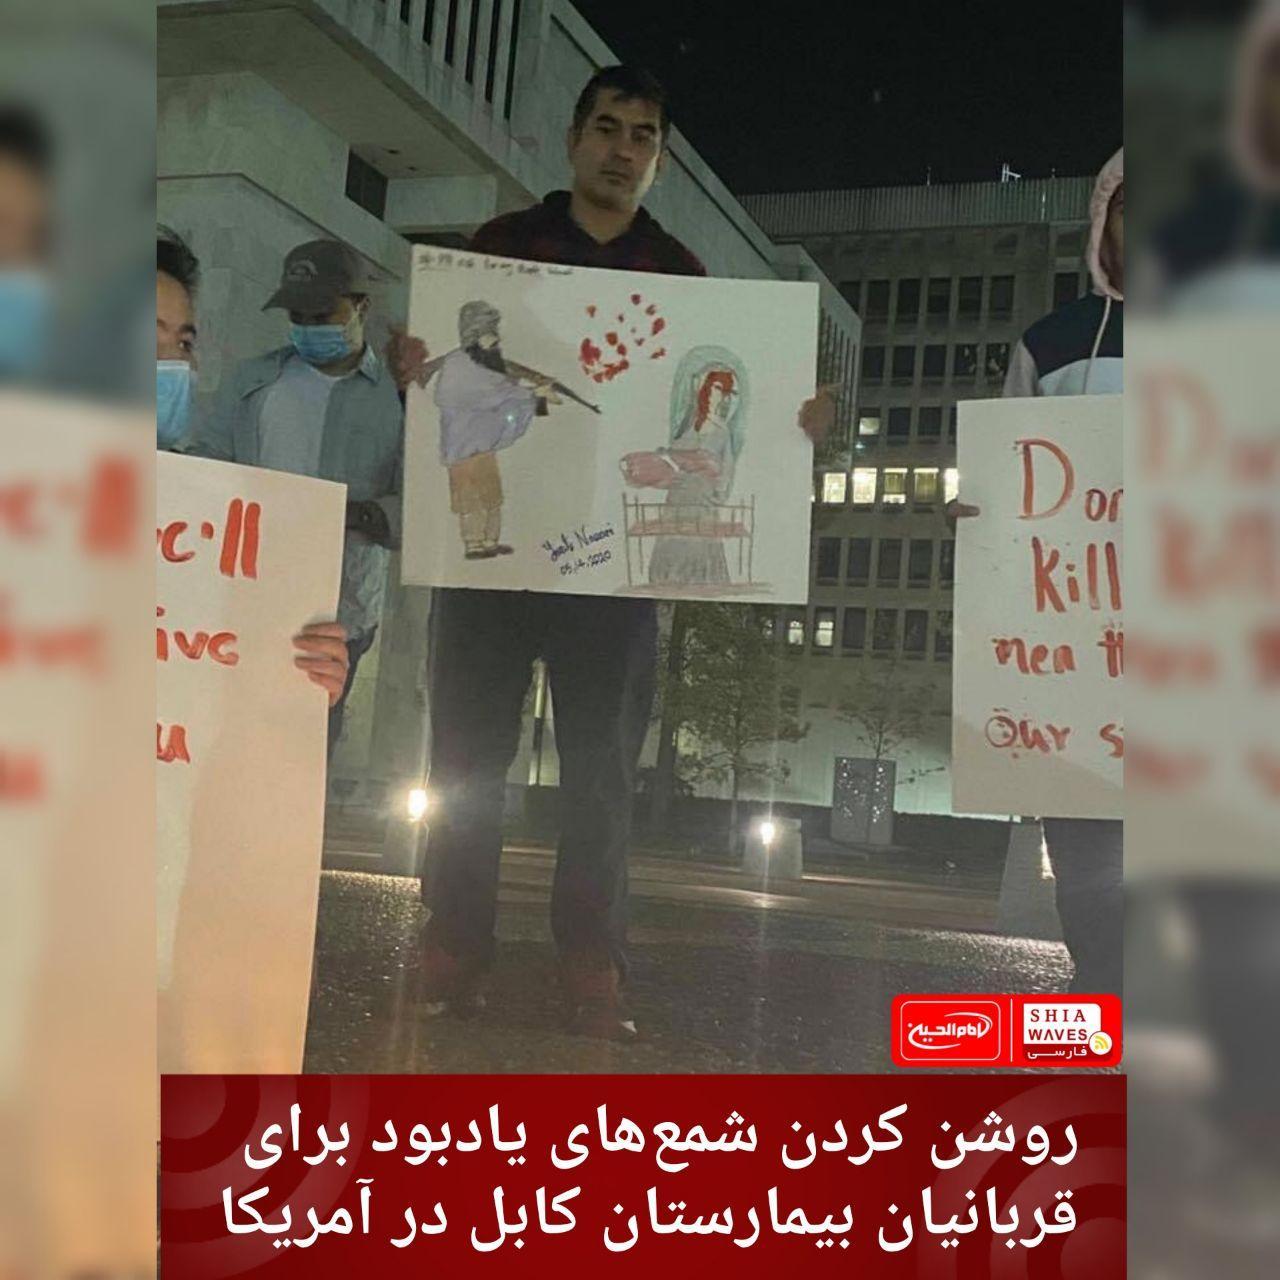 تصویر روشن کردن شمعهای یادبود برای قربانیان بیمارستان کابل در آمریکا